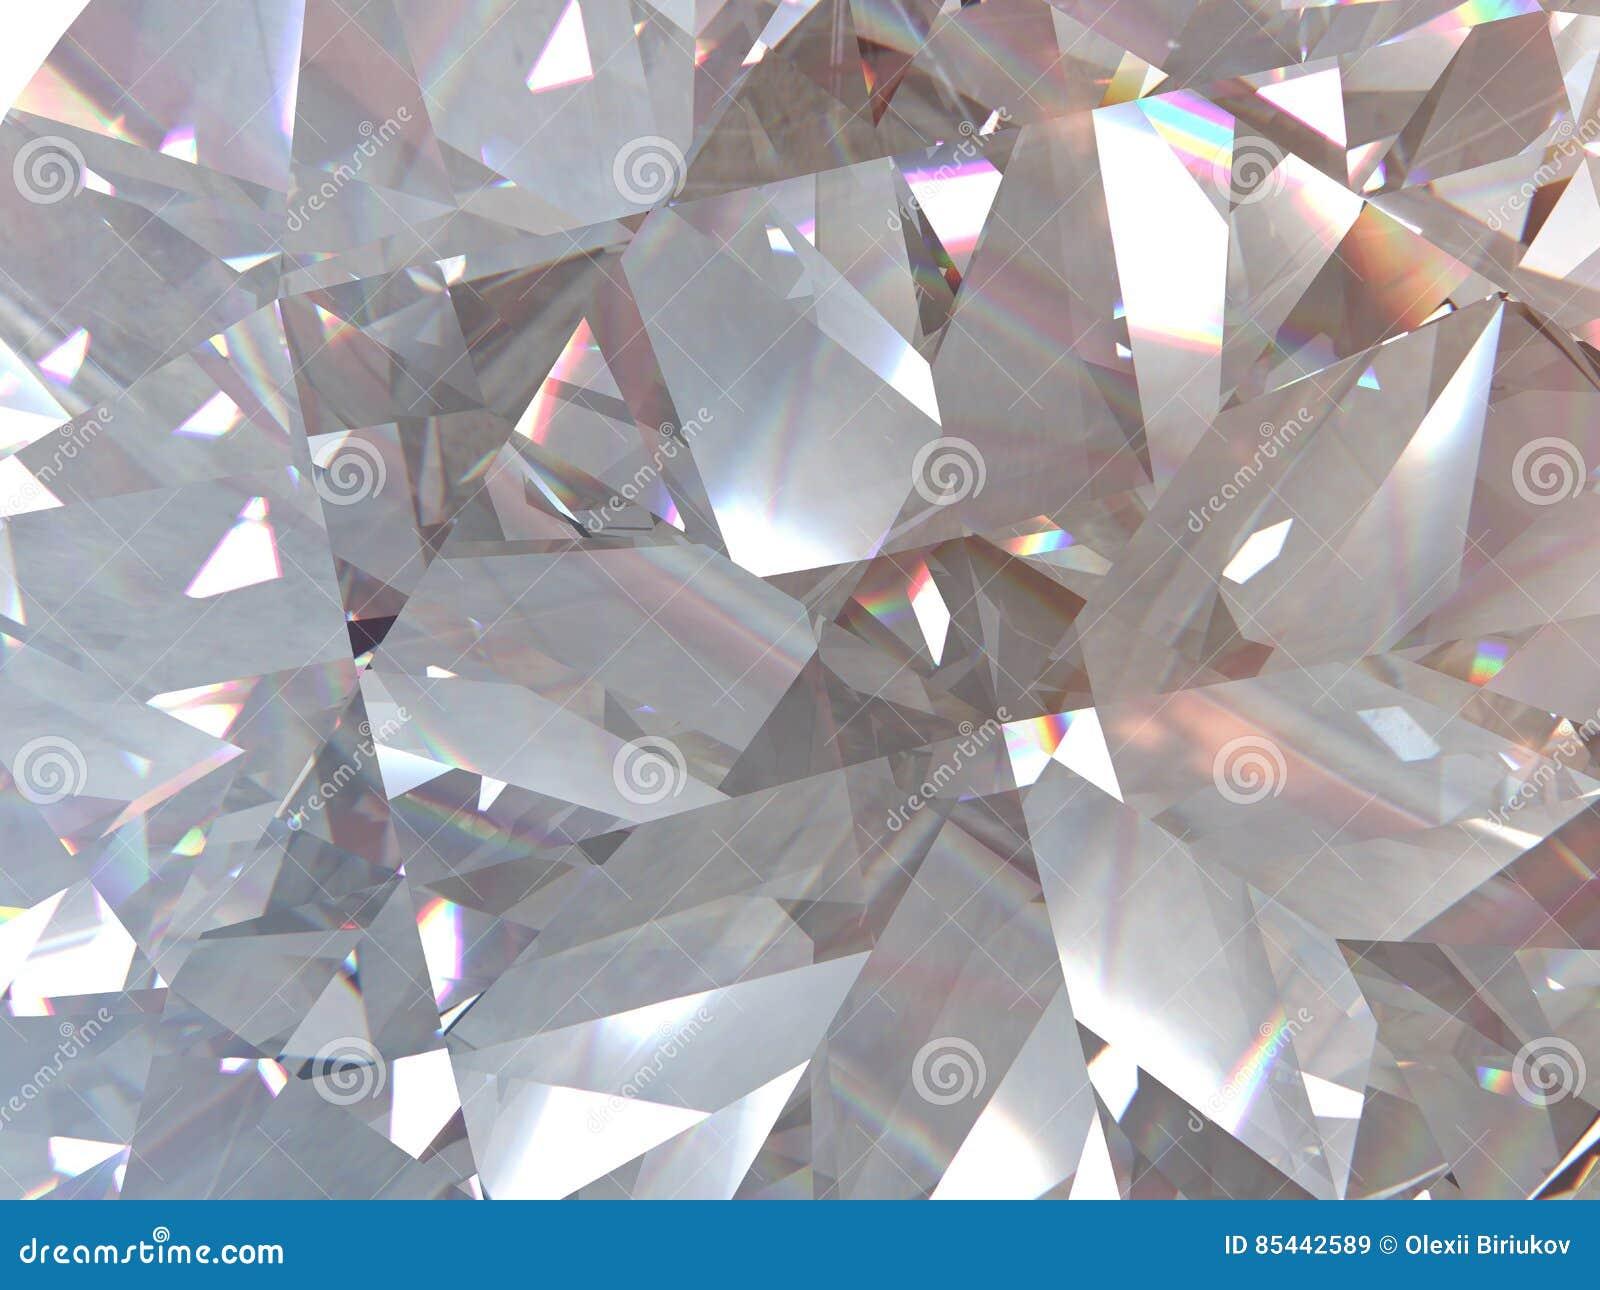 El diamante o el cristal triangular acodado de la textura forma el fondo modelo de la representación 3d